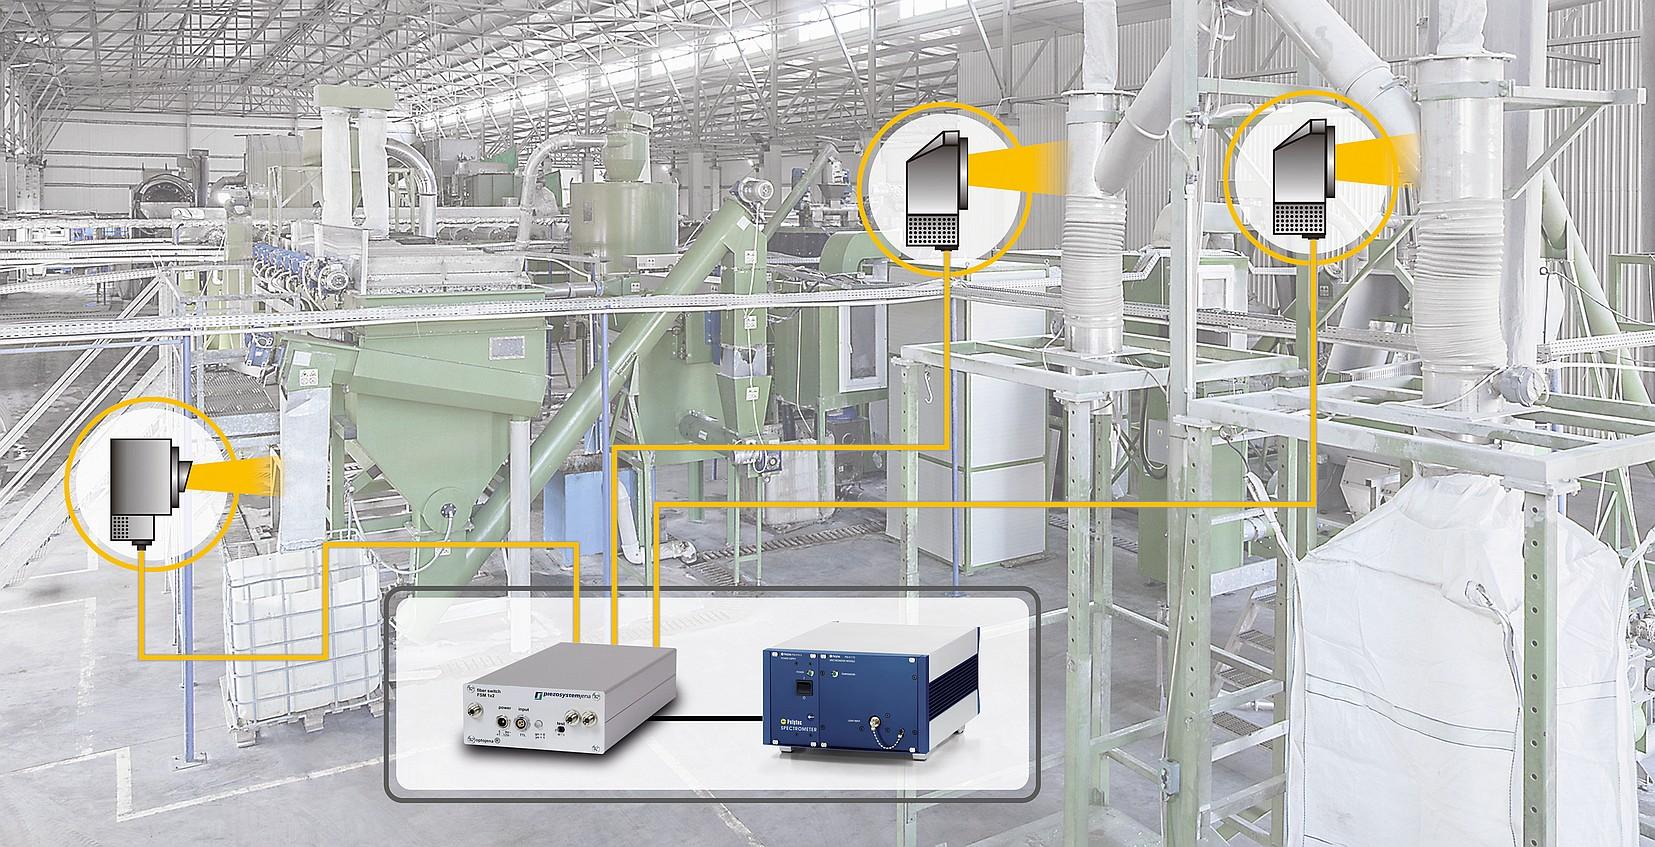 Mit einem optischen Multiplexer kann eine anwendungsspezifische Konfiguration mit verschiedenen analytischen Fragestellungen kostengünstig realisiert werden. Bild: Polytec